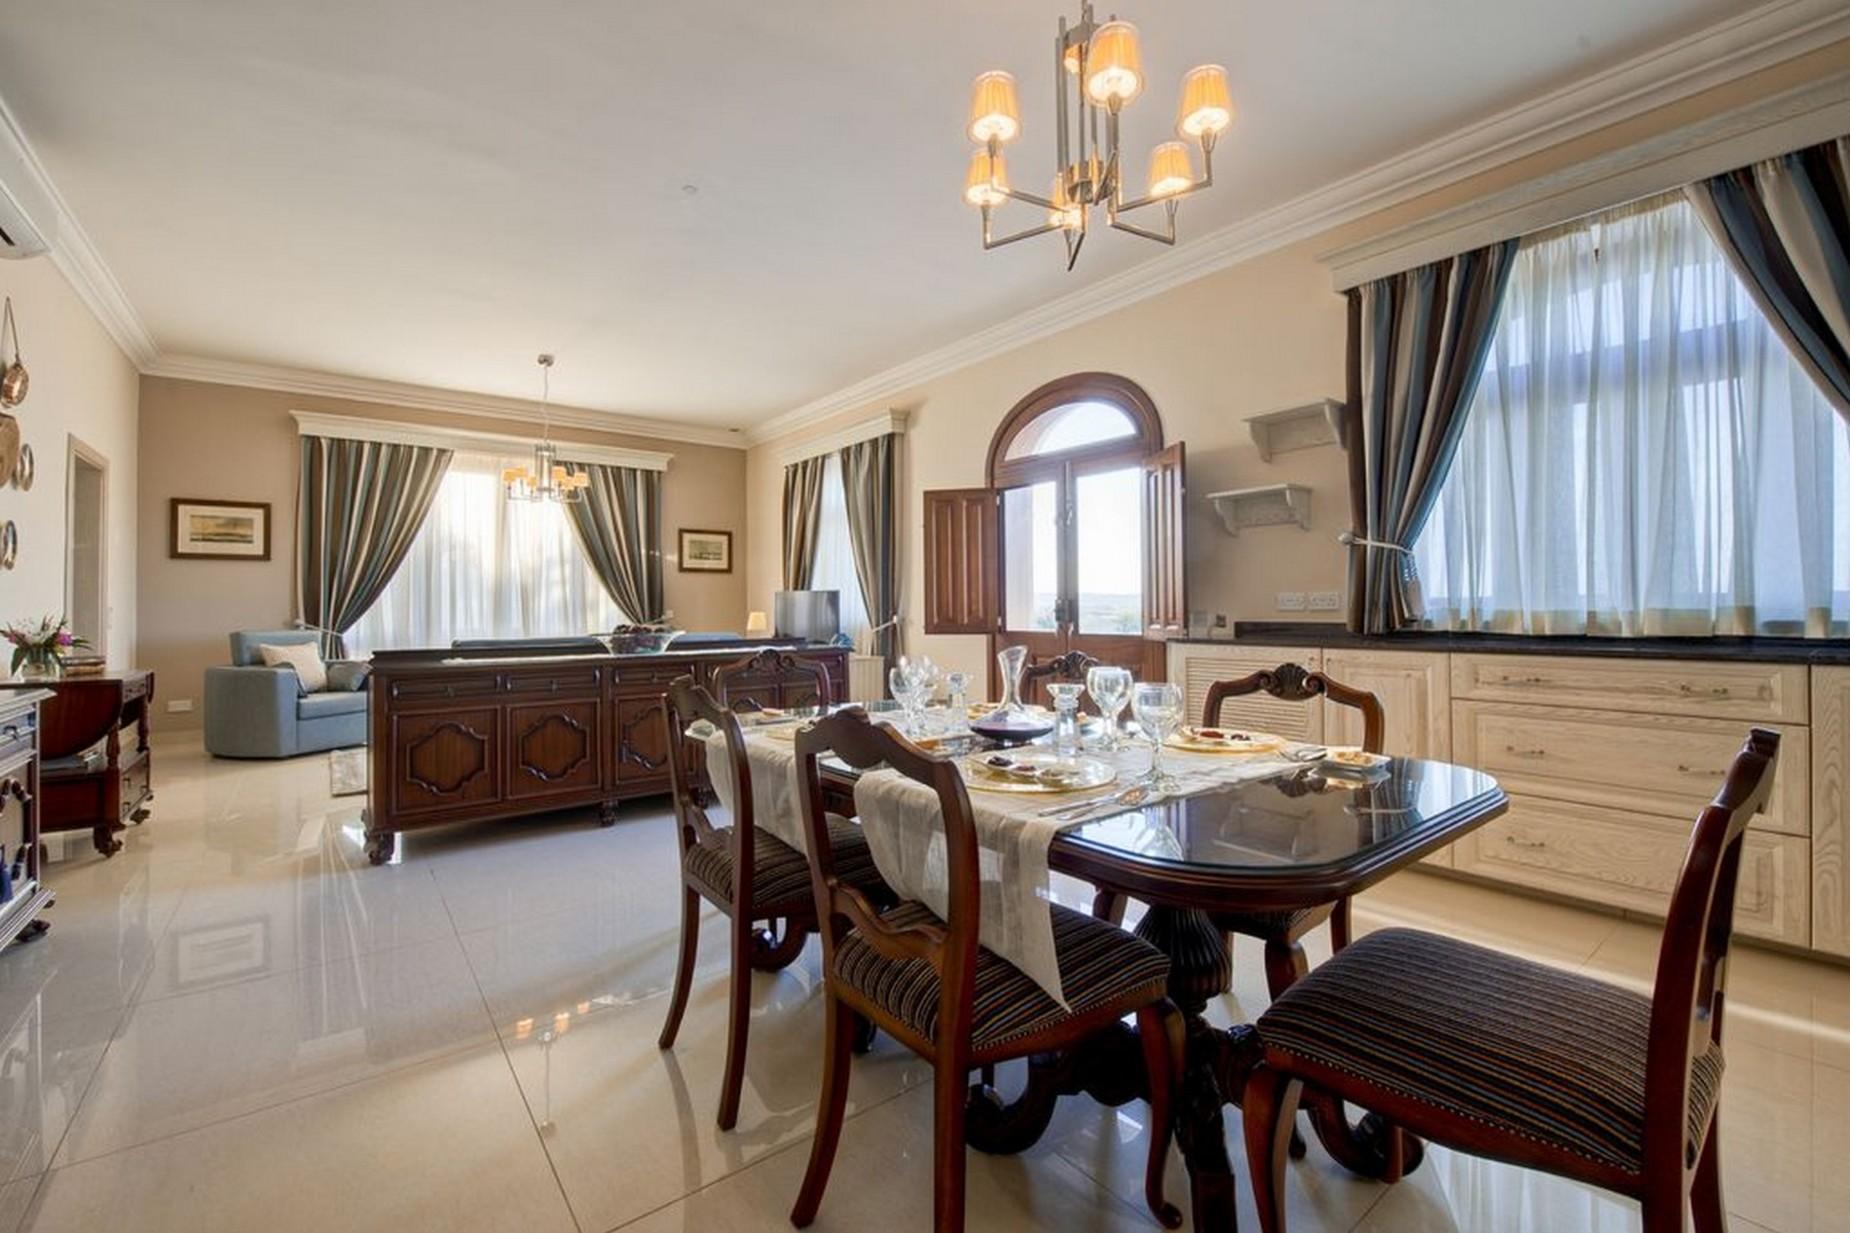 3 bed Villa For Rent in Zurrieq, Zurrieq - thumb 3